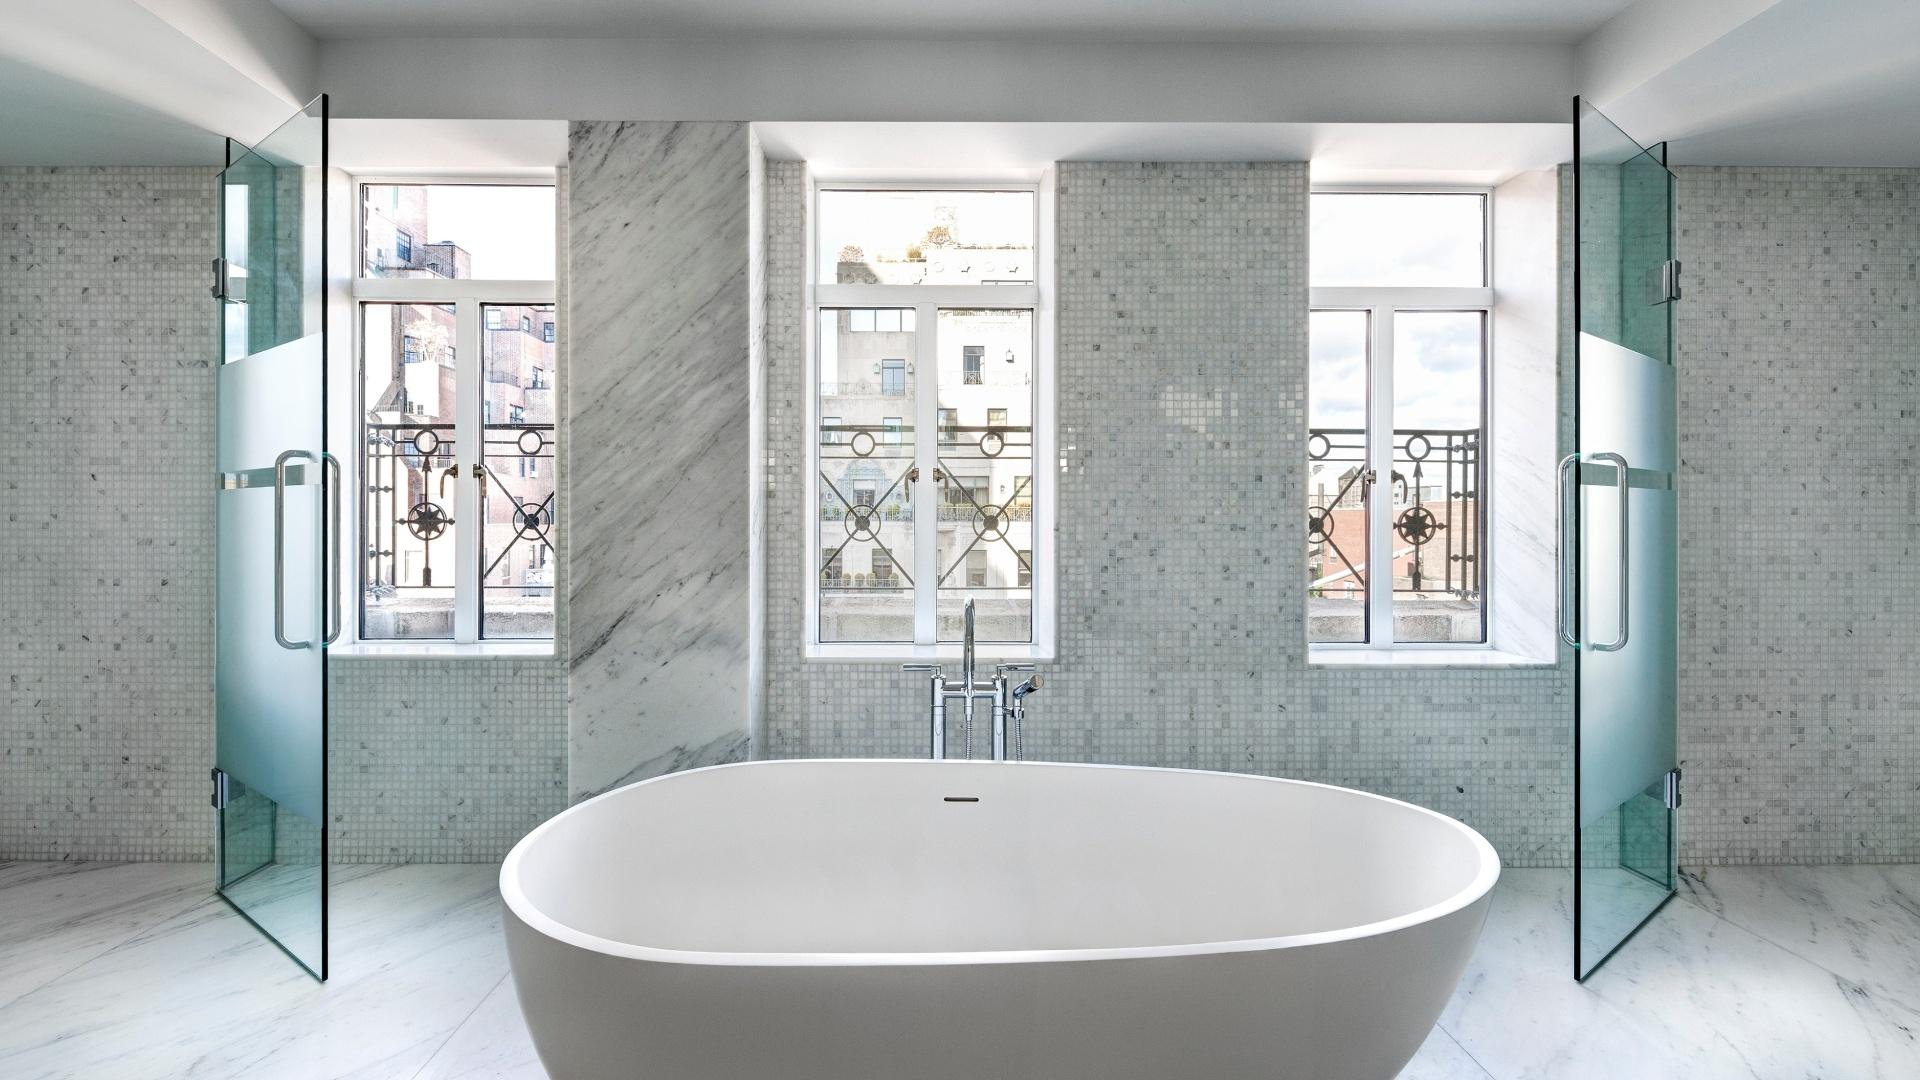 Também na Park Avenue endereço de luxo de Nova York o edifício no  #4A6C6B 1920x1080 Acessorios Para Banheiro De Luxo